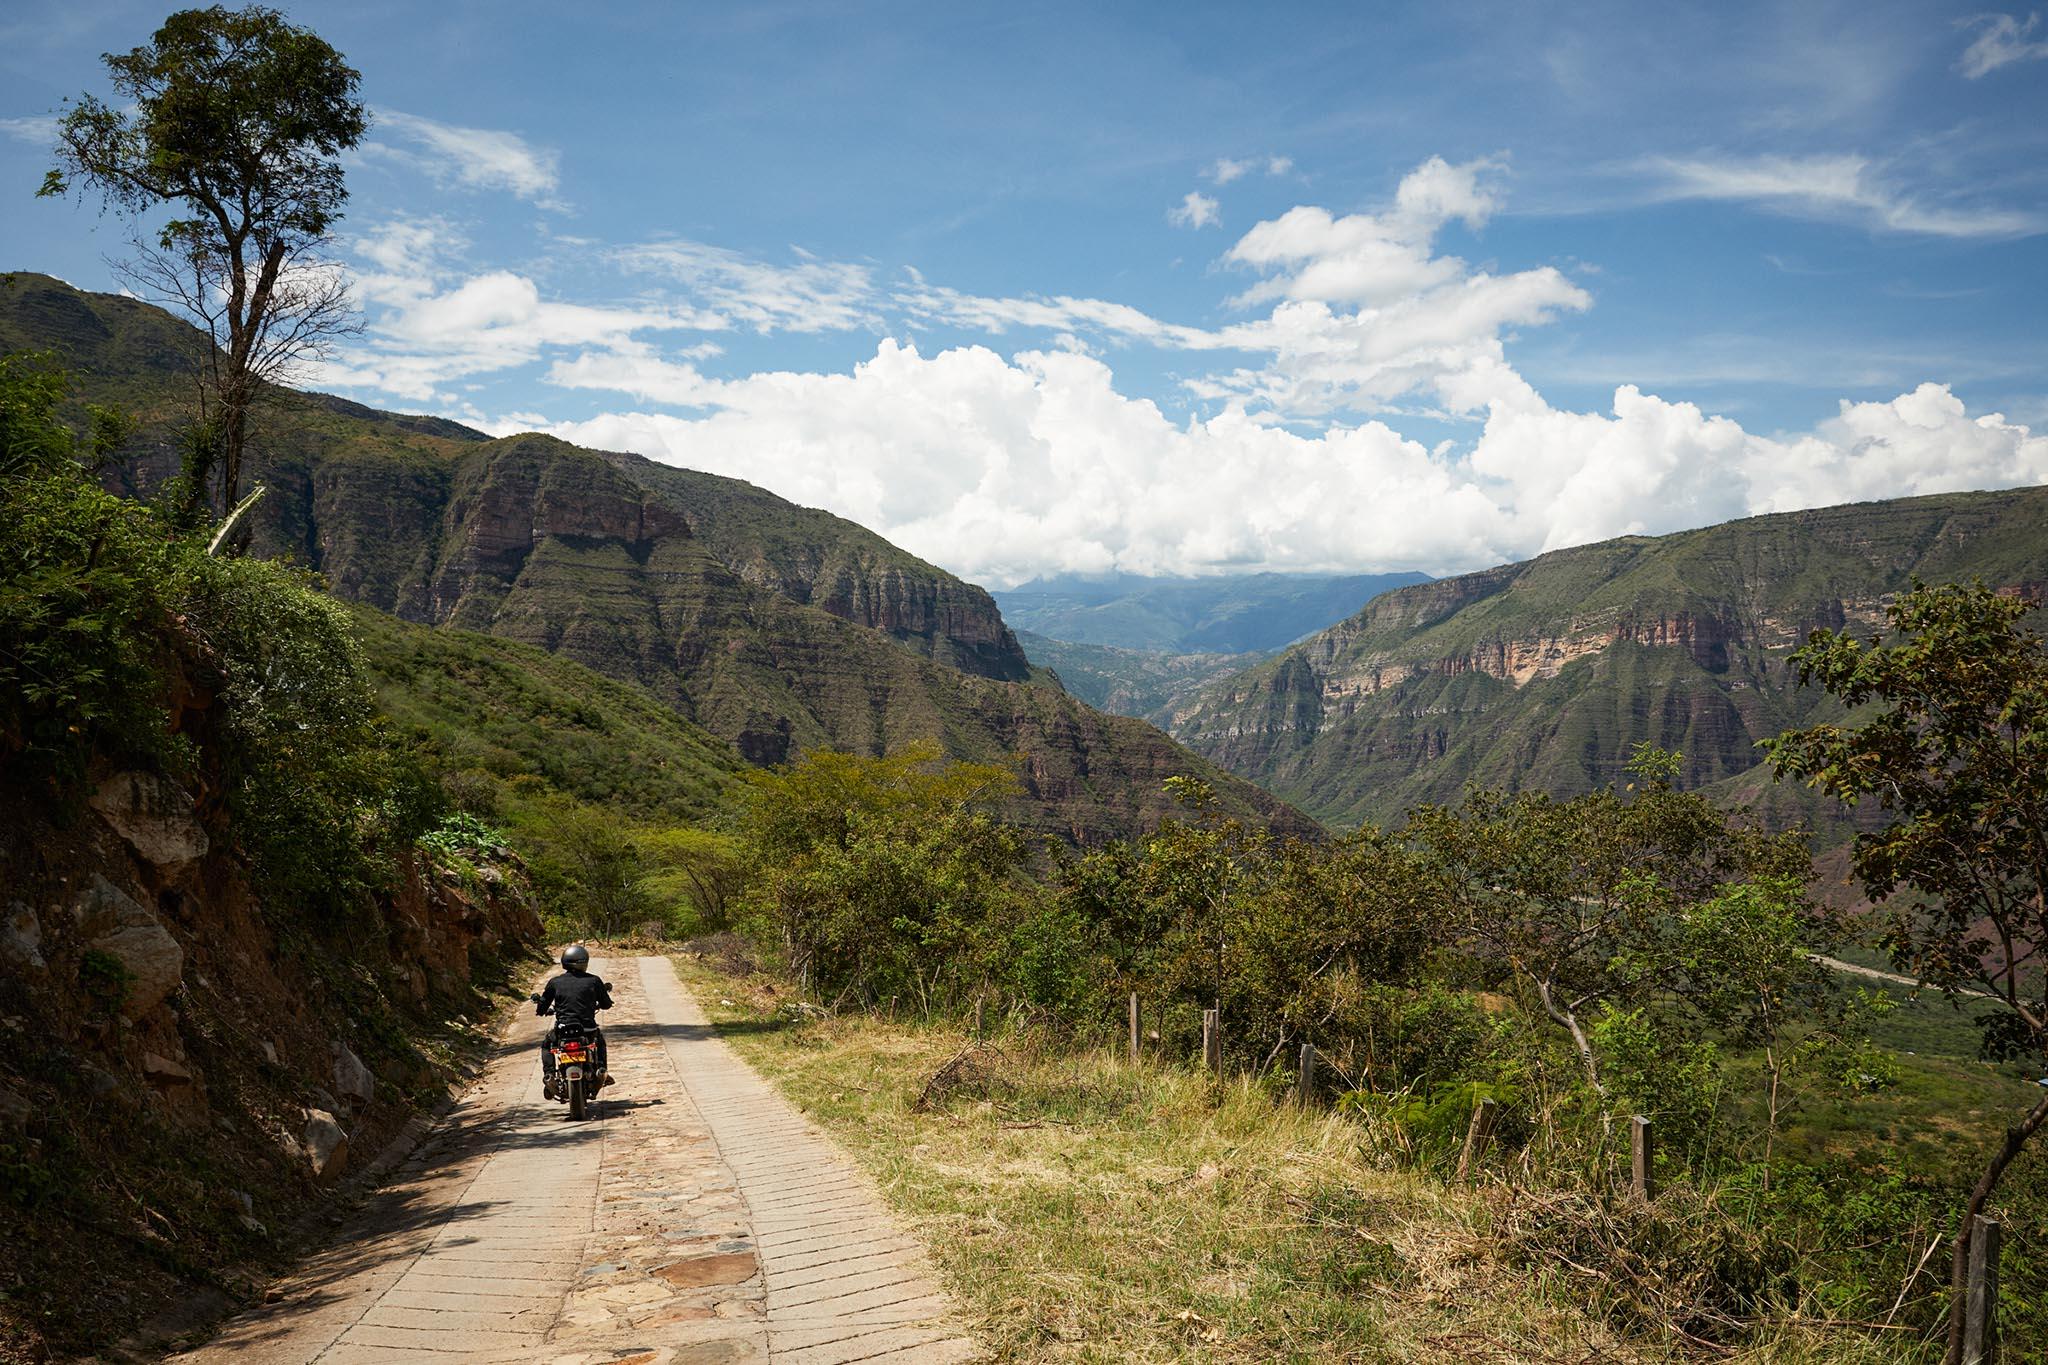 Le canyon del Chicamocha route en direction du village de Jordan